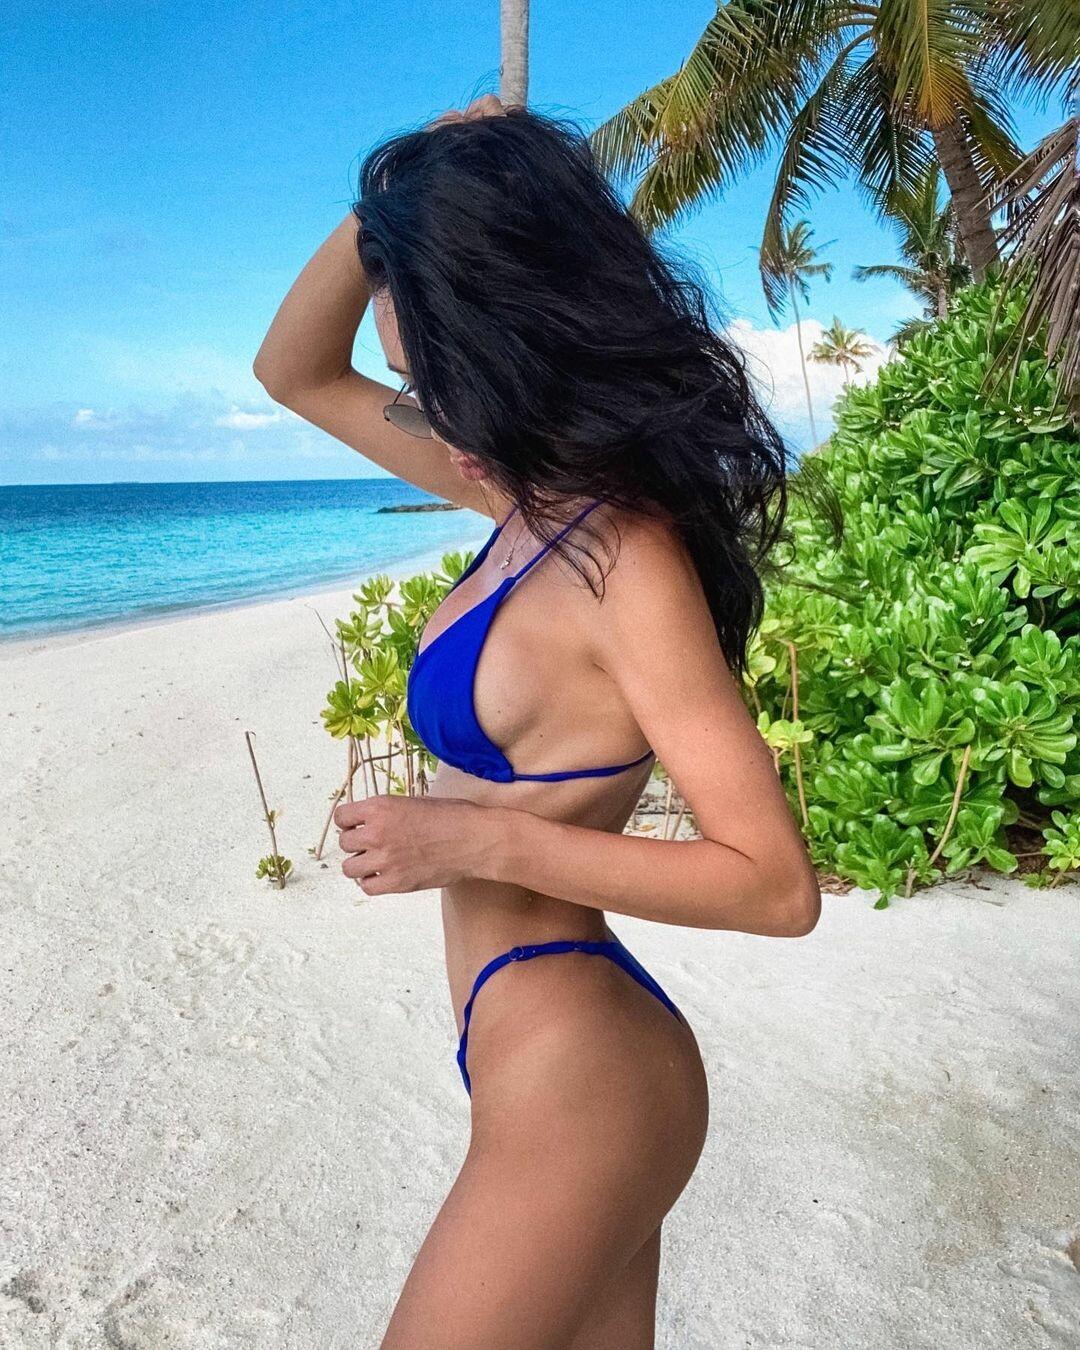 Чего хотят девушки? Секс по утрам, абонемент на Мальдивы: жена футболиста дает ответы